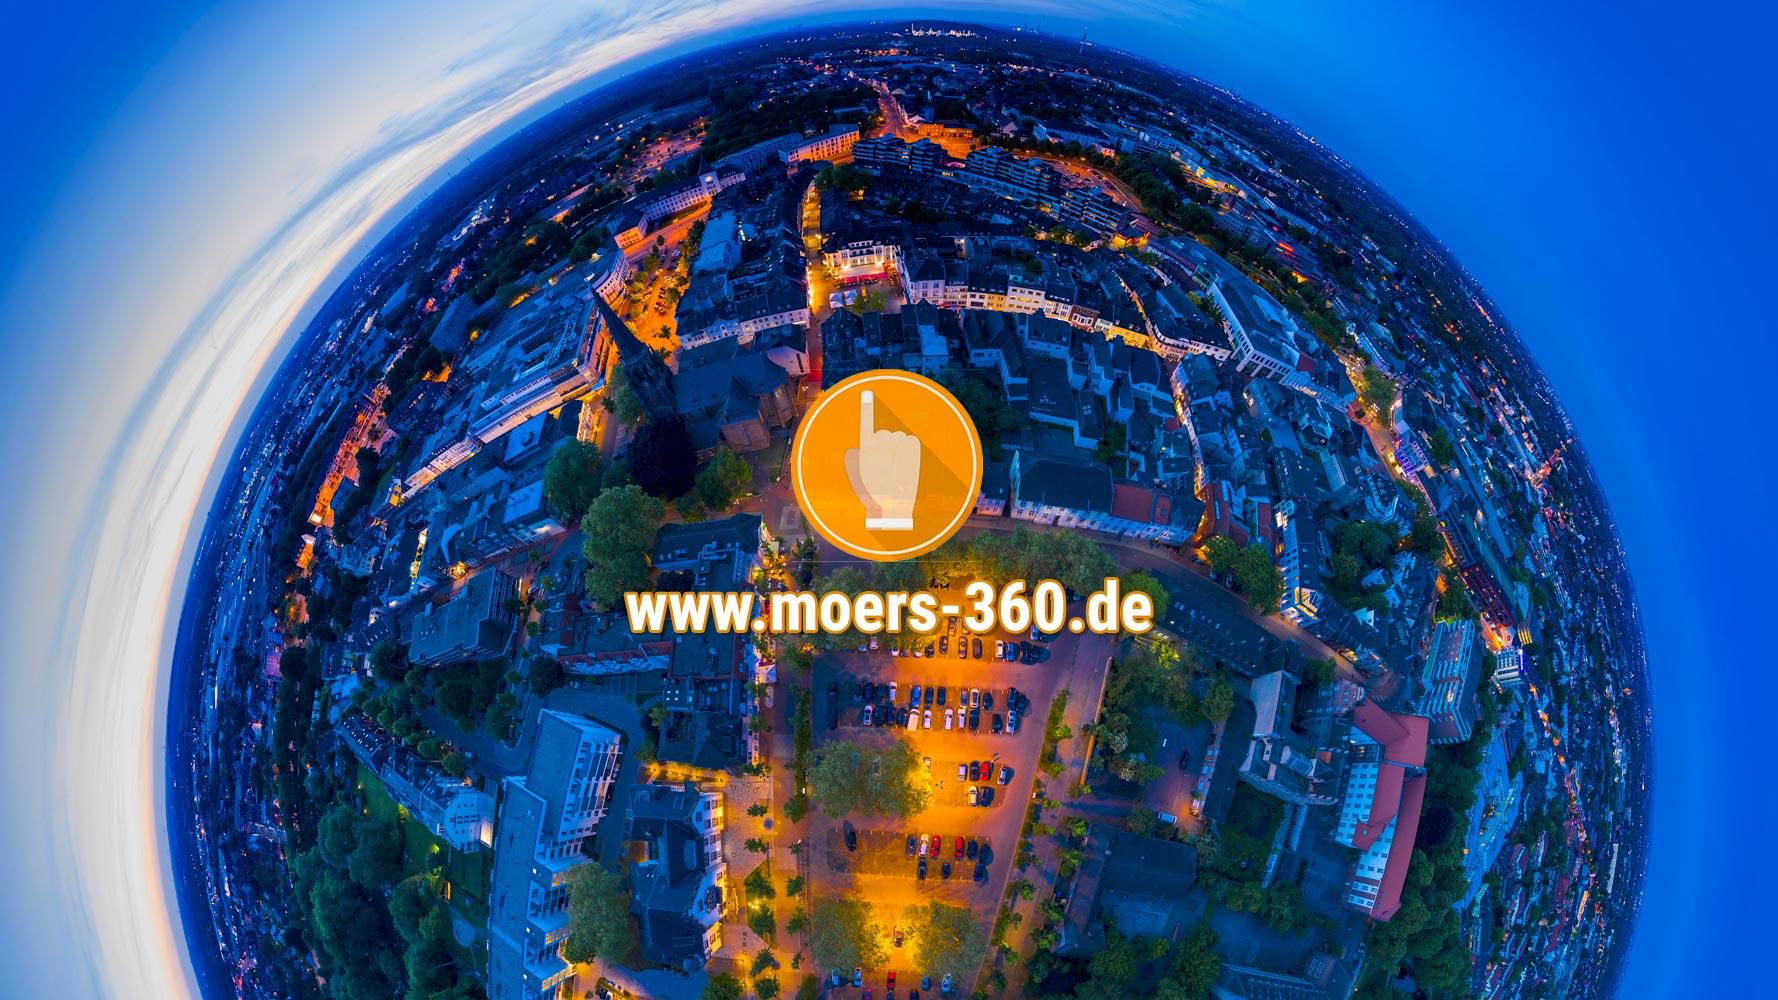 Die neue Weihnachtsbeleuchtung auf Moers-360.de